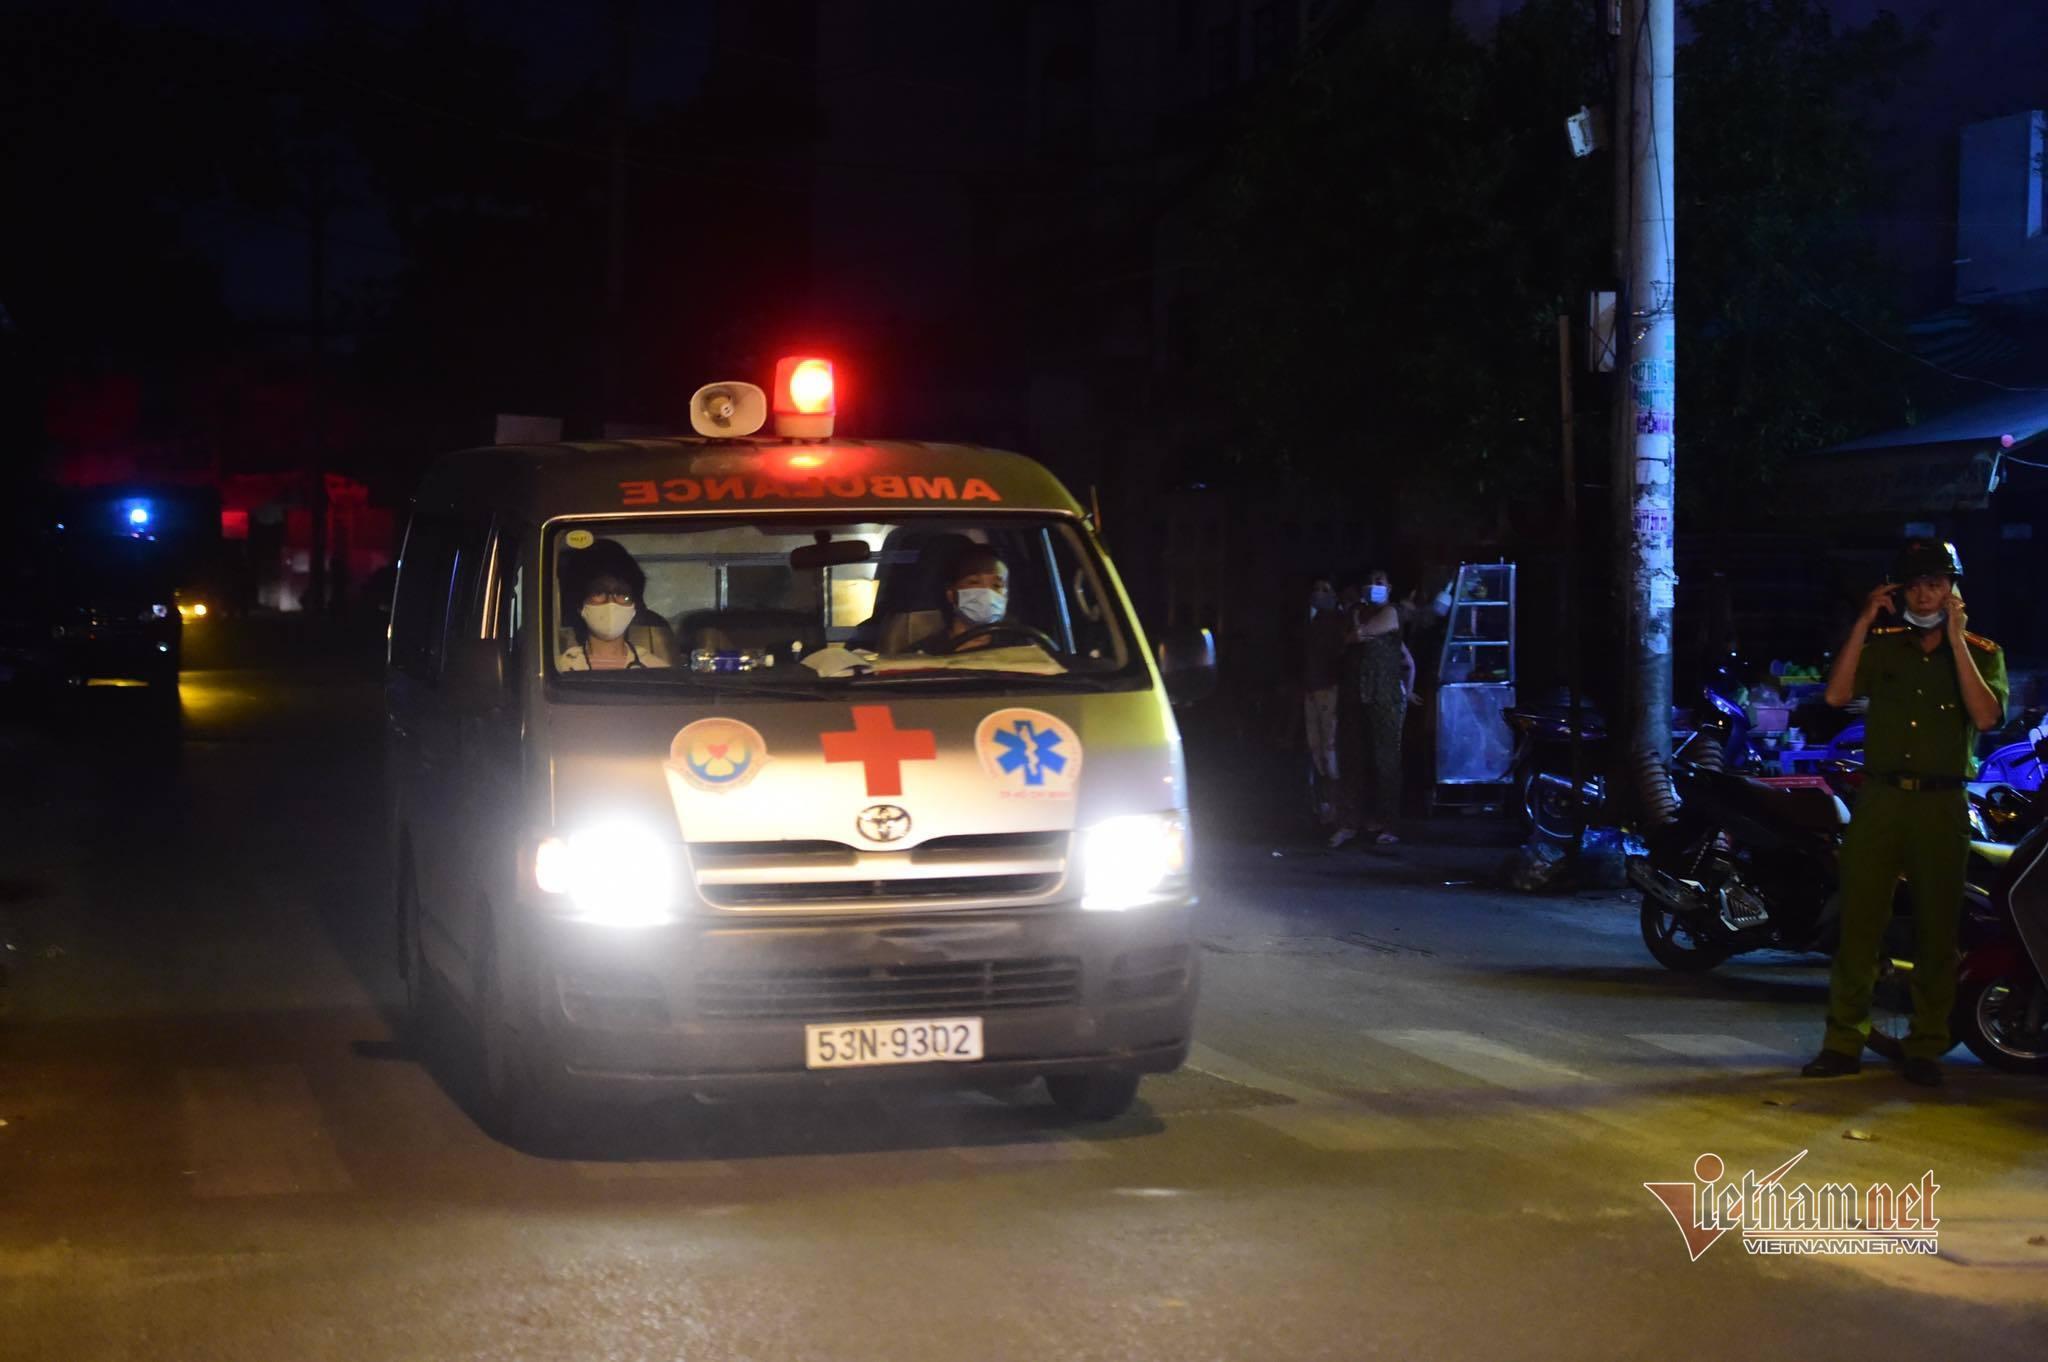 Nhân chứng vụ cháy 8 người chết: 'Bất lực vì lửa dữ dội, cửa khóa trái'